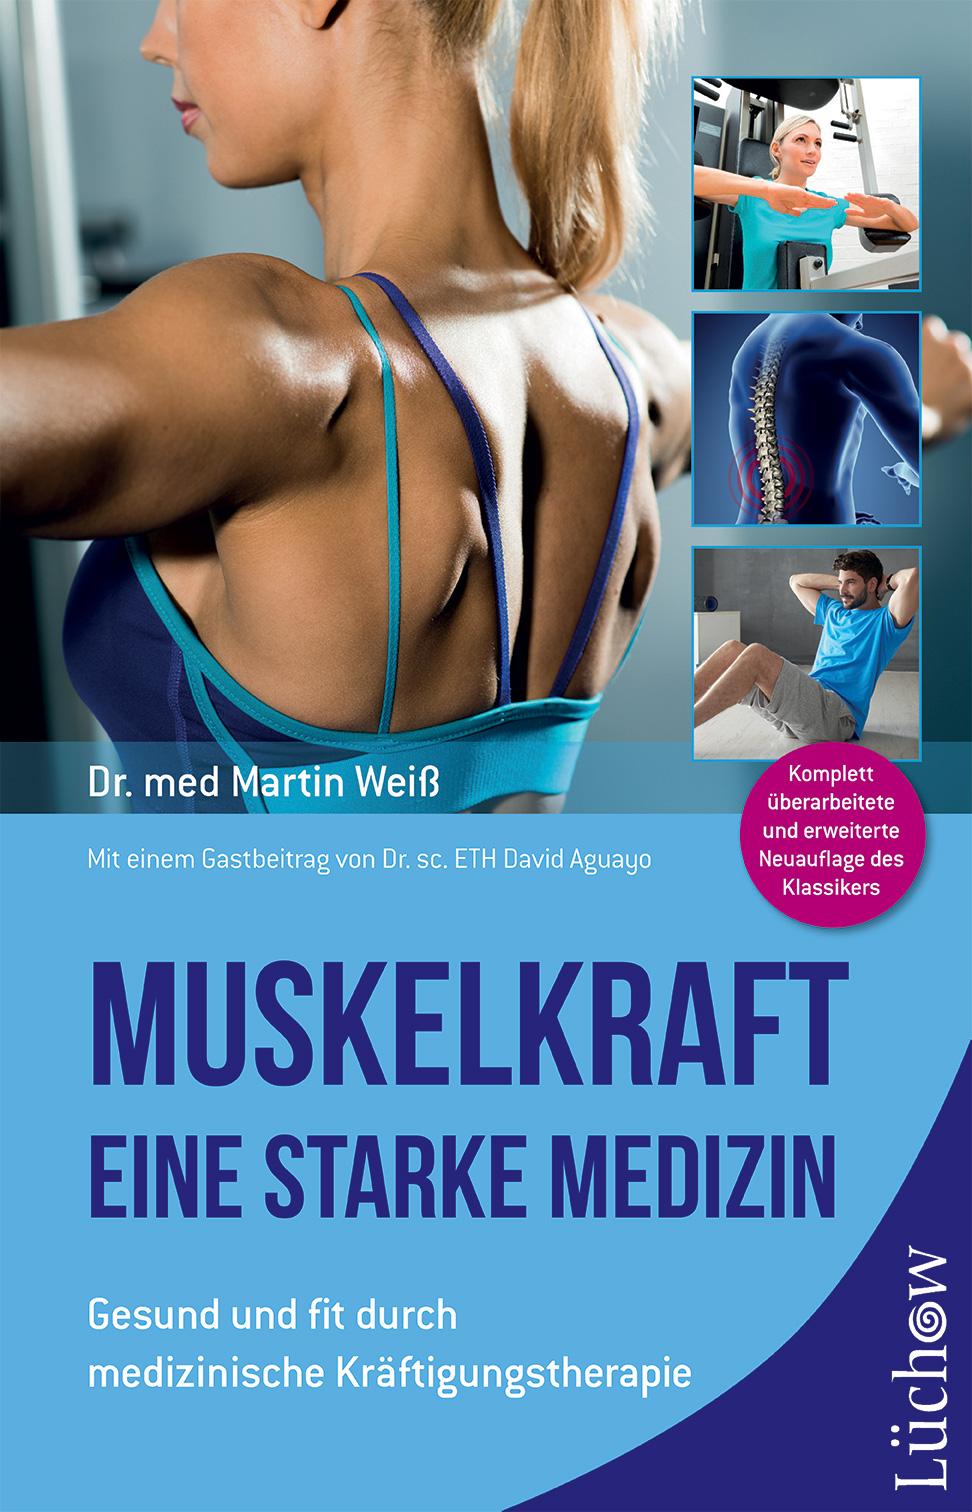 Muskelkraft - Eine starke Medizin | Dr. med. Martin Weiß